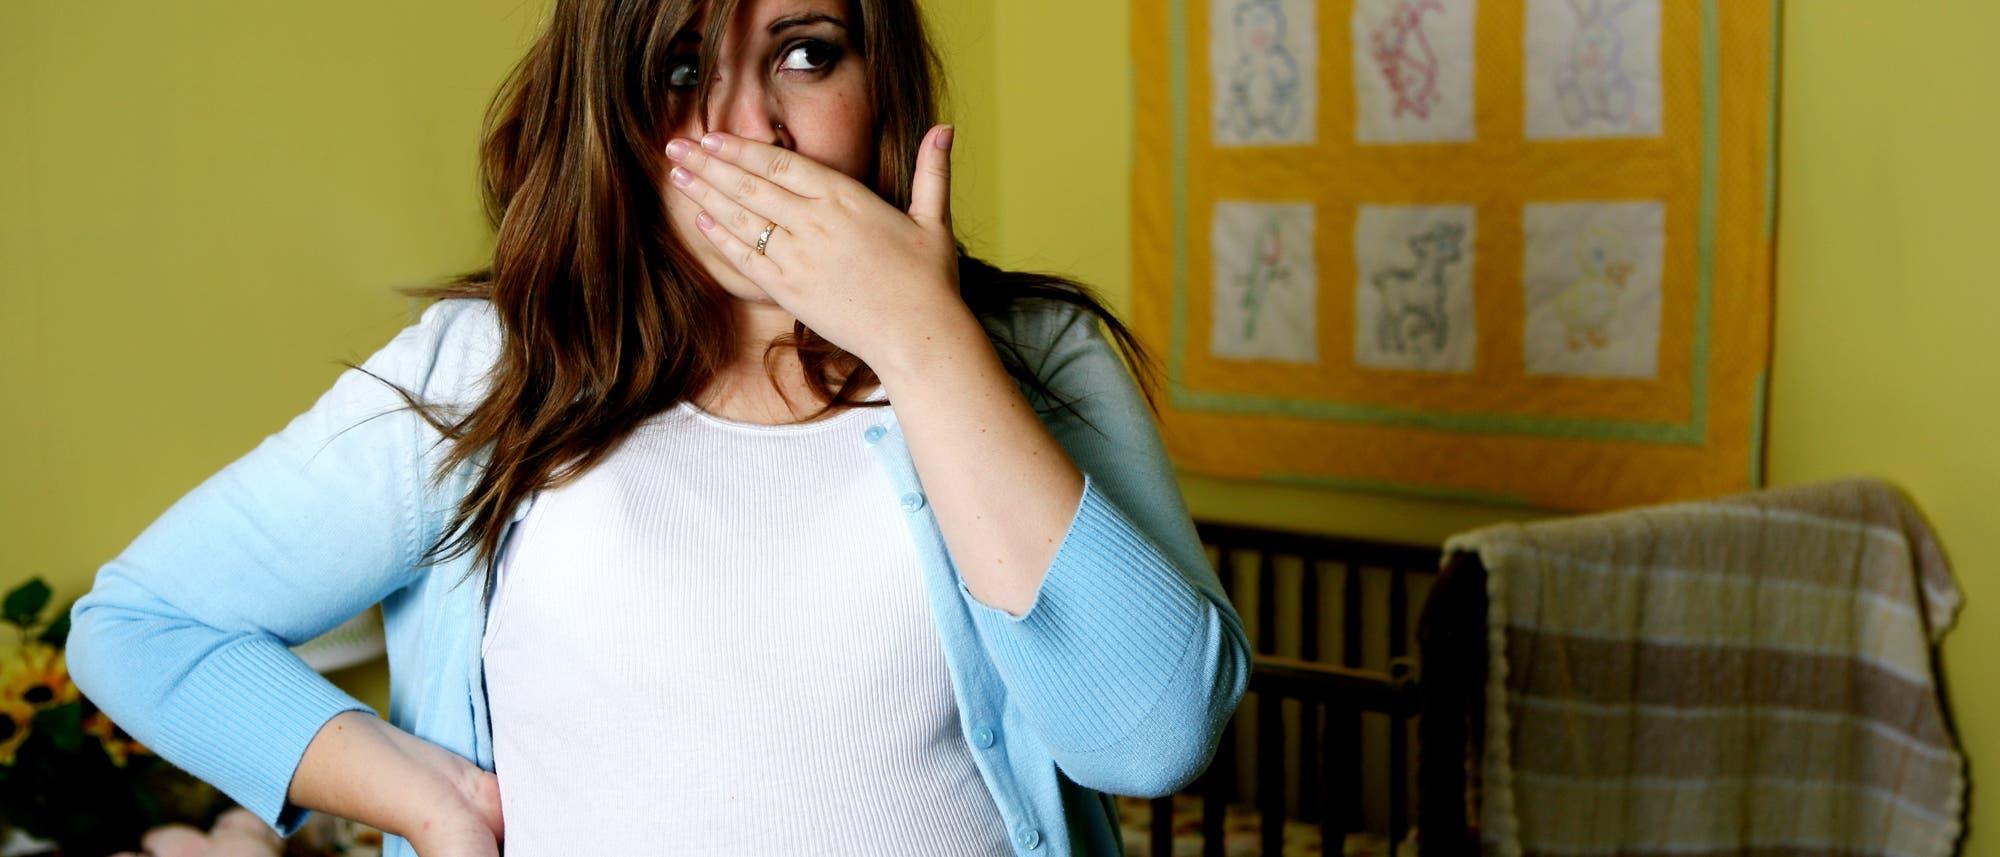 Eine schwangere Frau hält sich die Hand vor den Mund. Sie leidet offenbar unter Übelkeit.